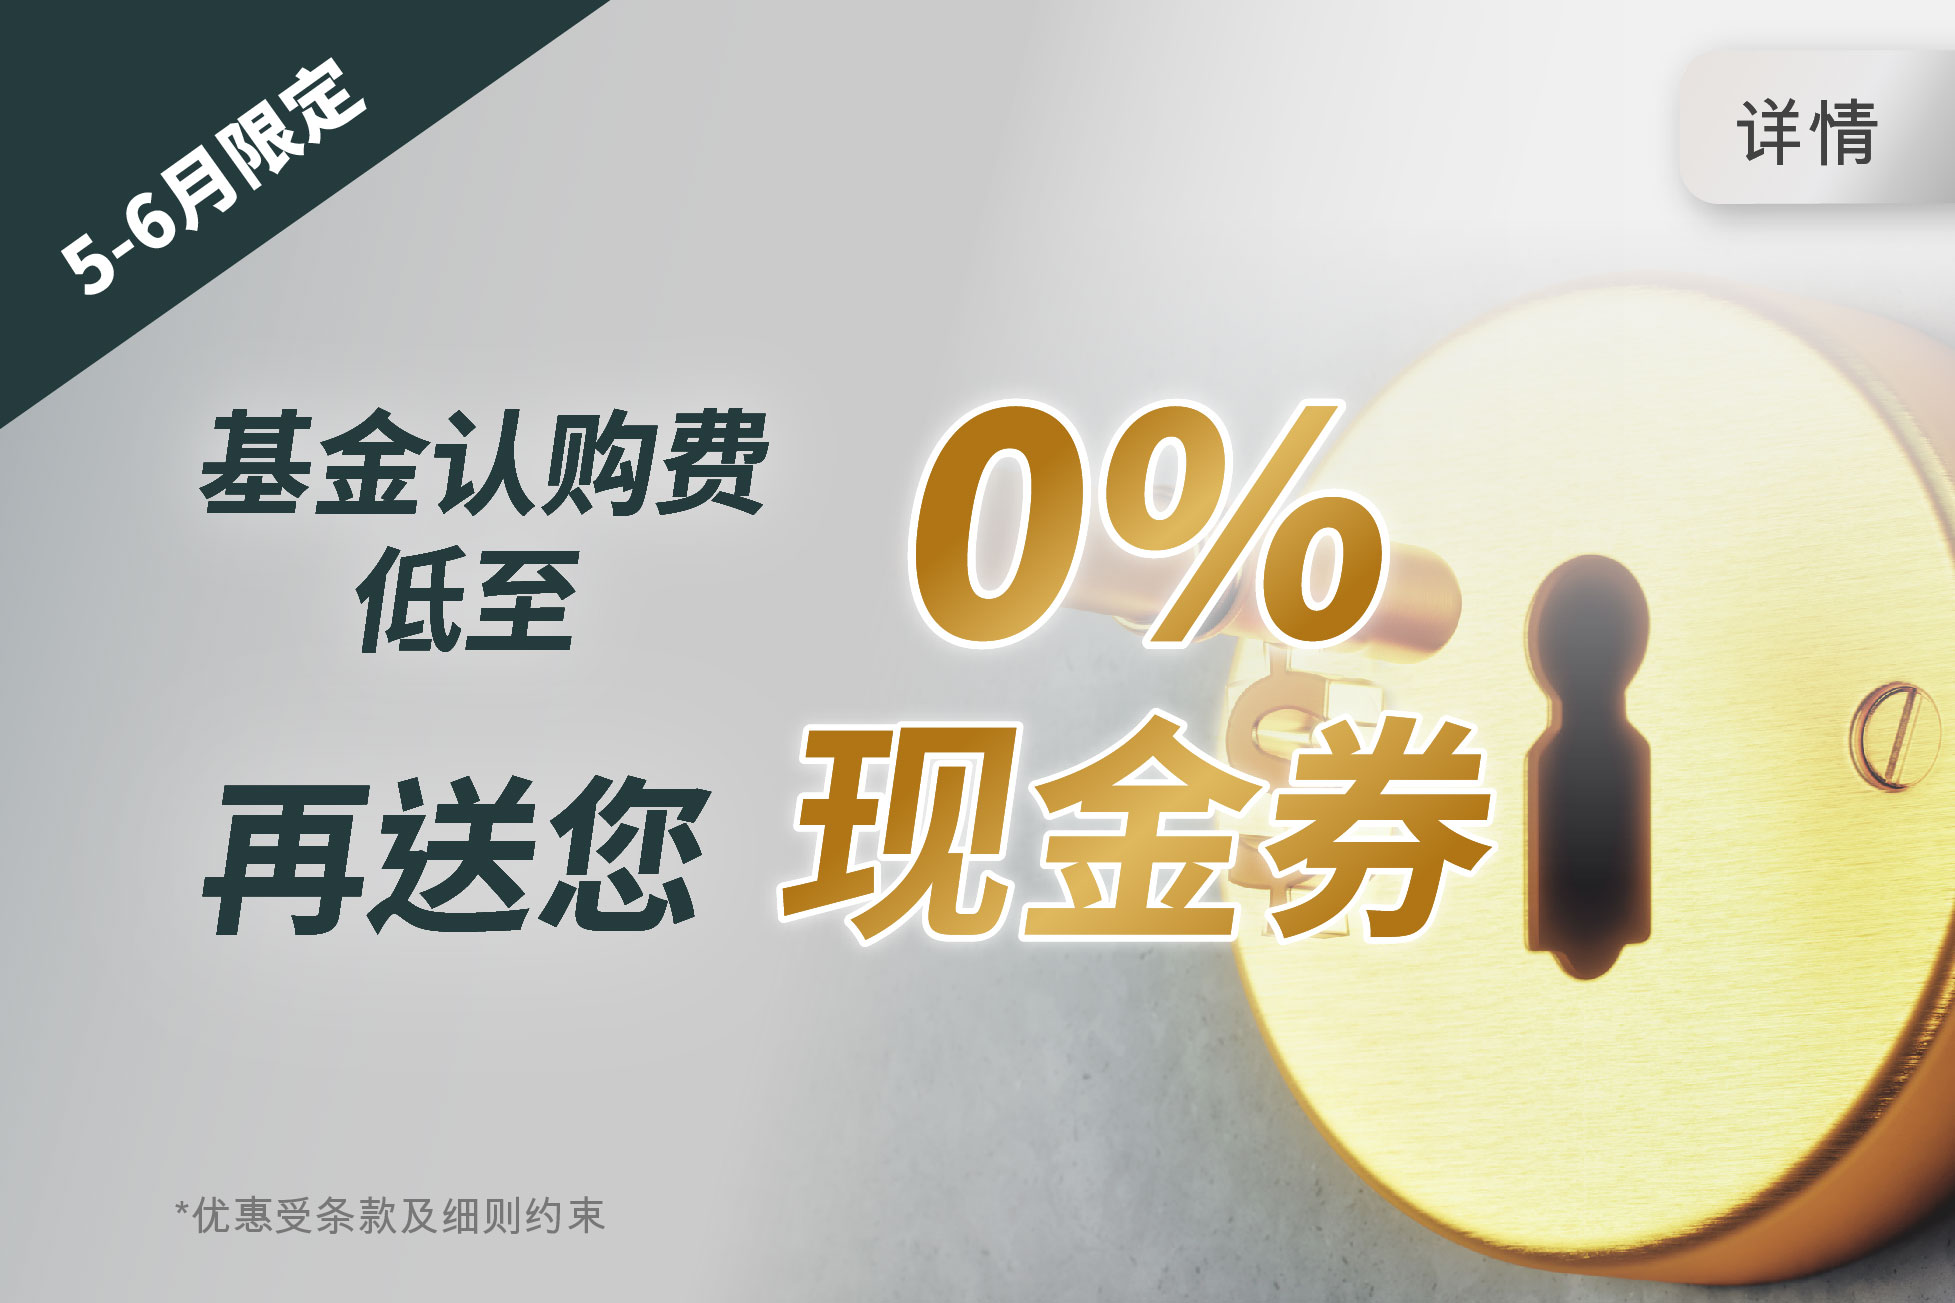 0%基金认购费优惠 更送您现金券